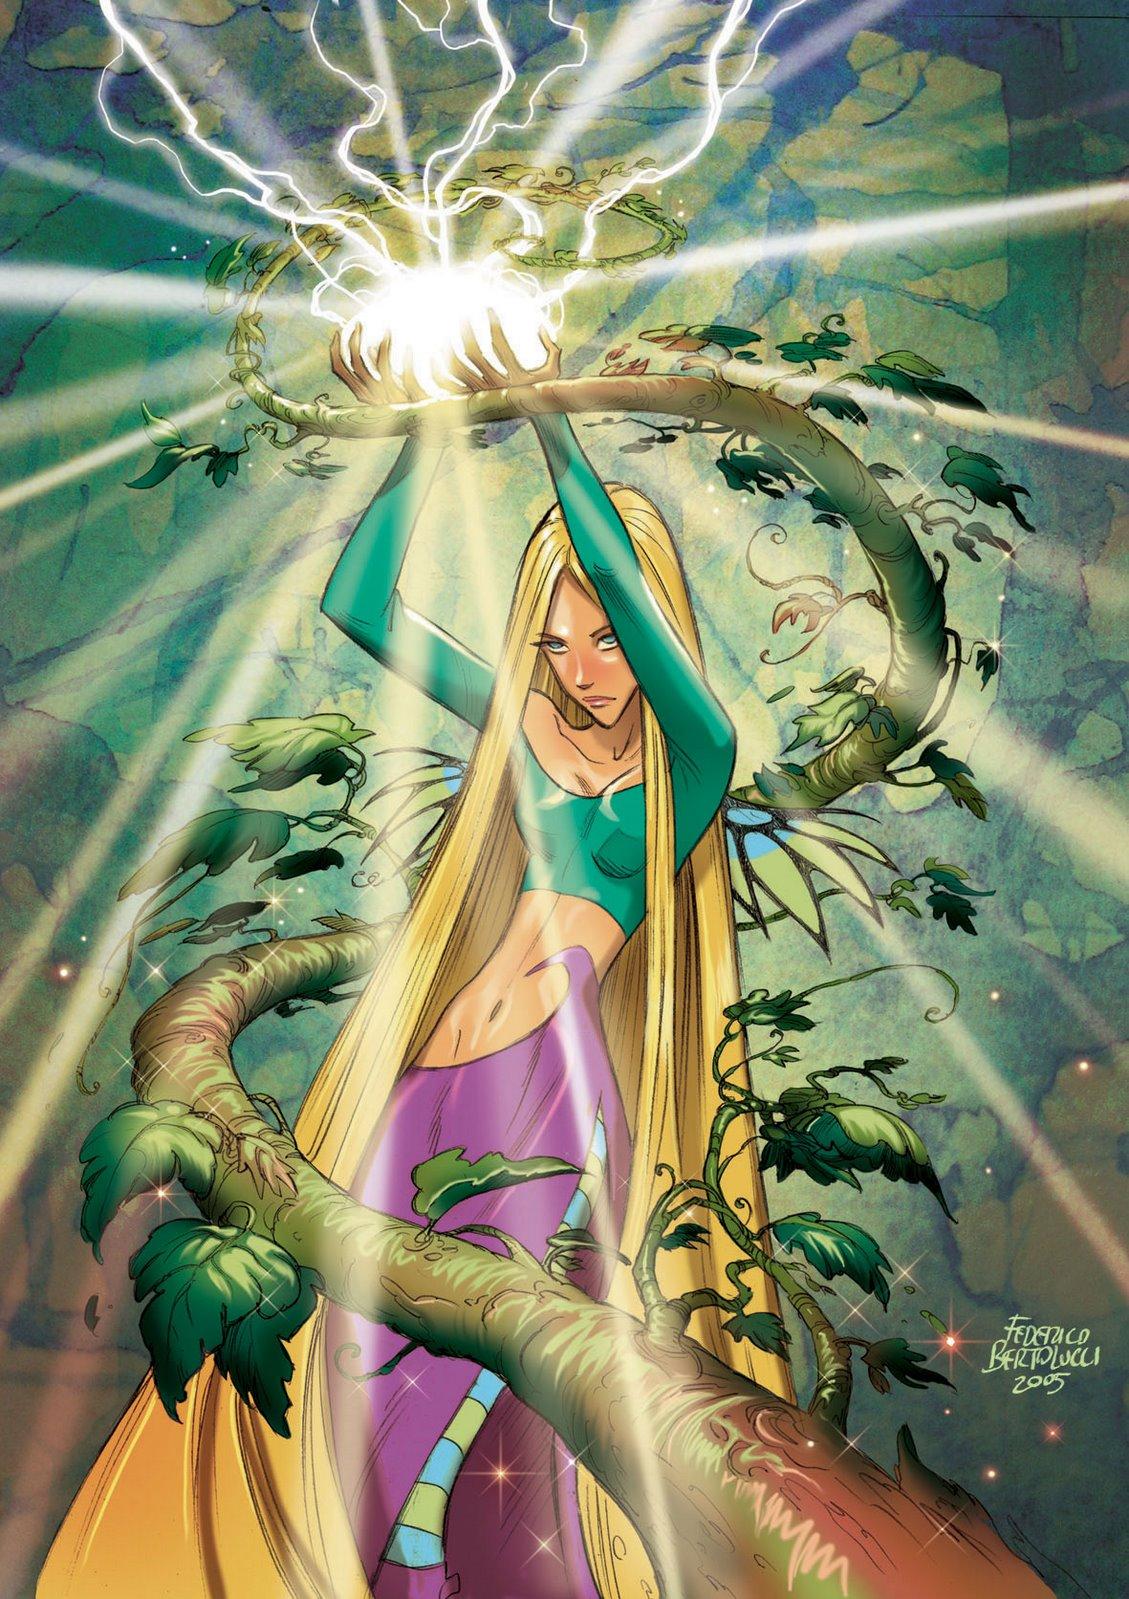 Сила Корнелии - Картинки Корнелии ...: www.youloveit.ru/gallery/kartinki-korneliya-cornelia/8171-witch...